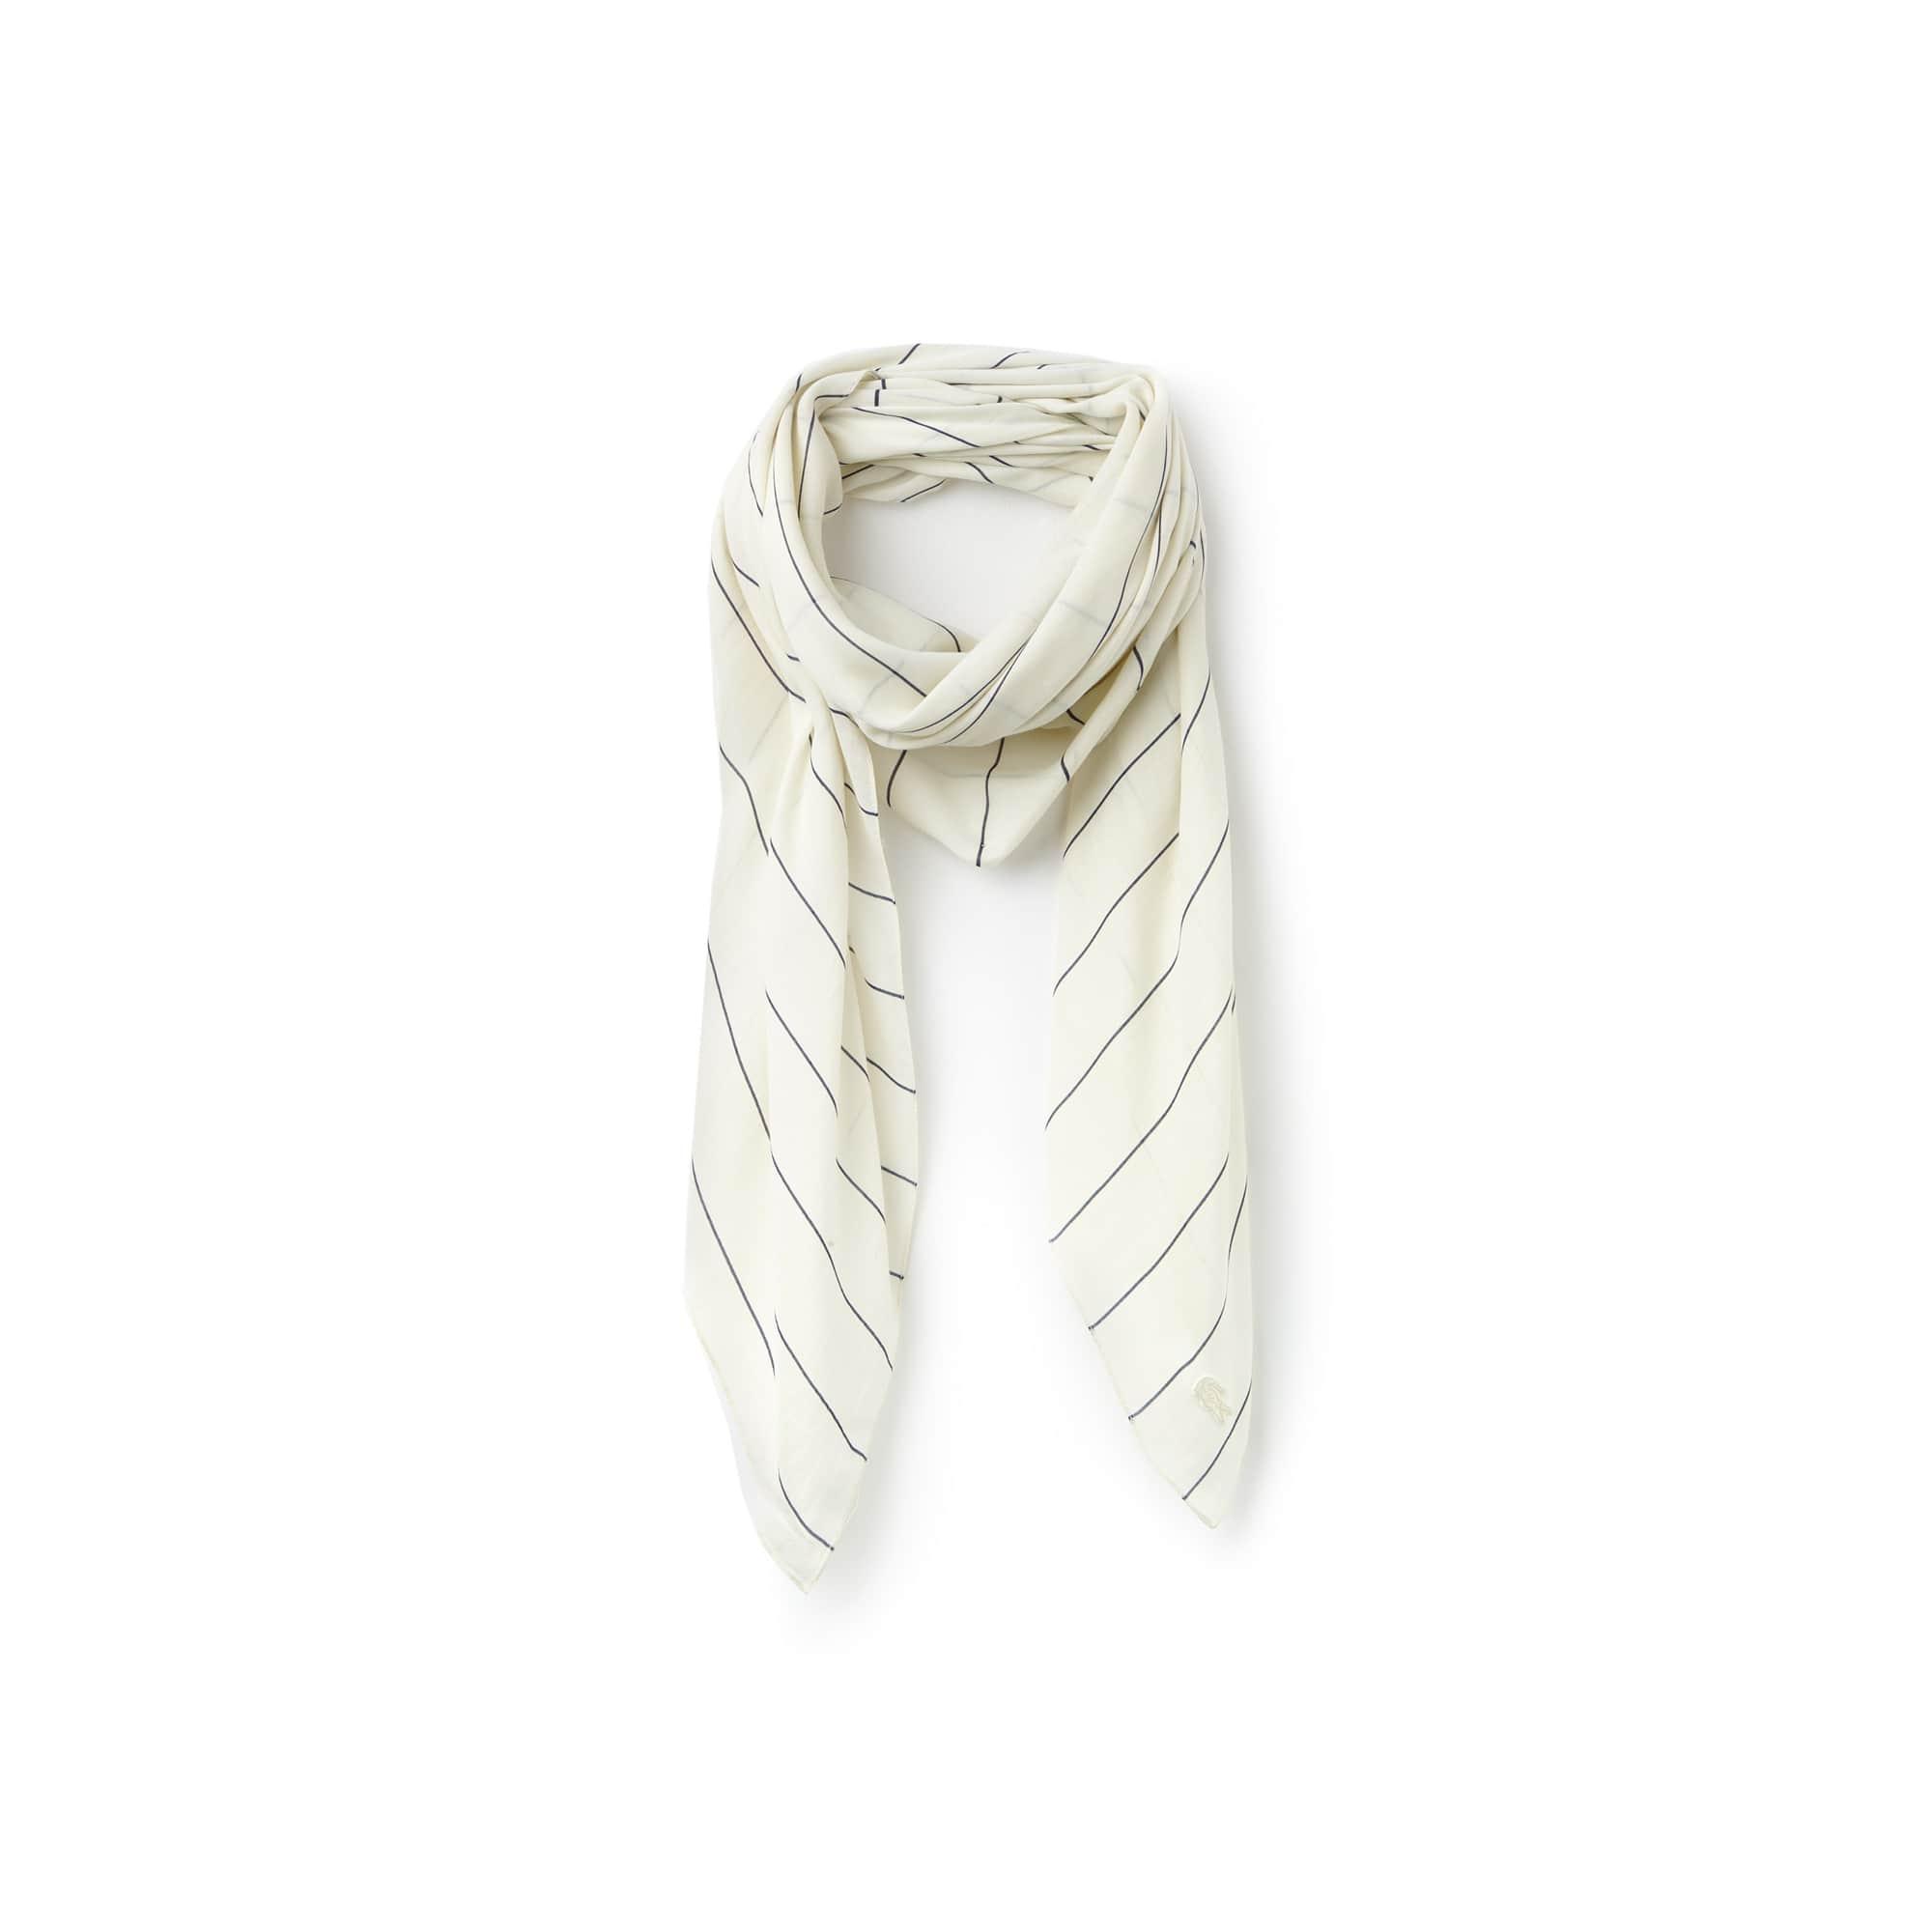 Écharpe quadrada em voile de algodão às riscas finas